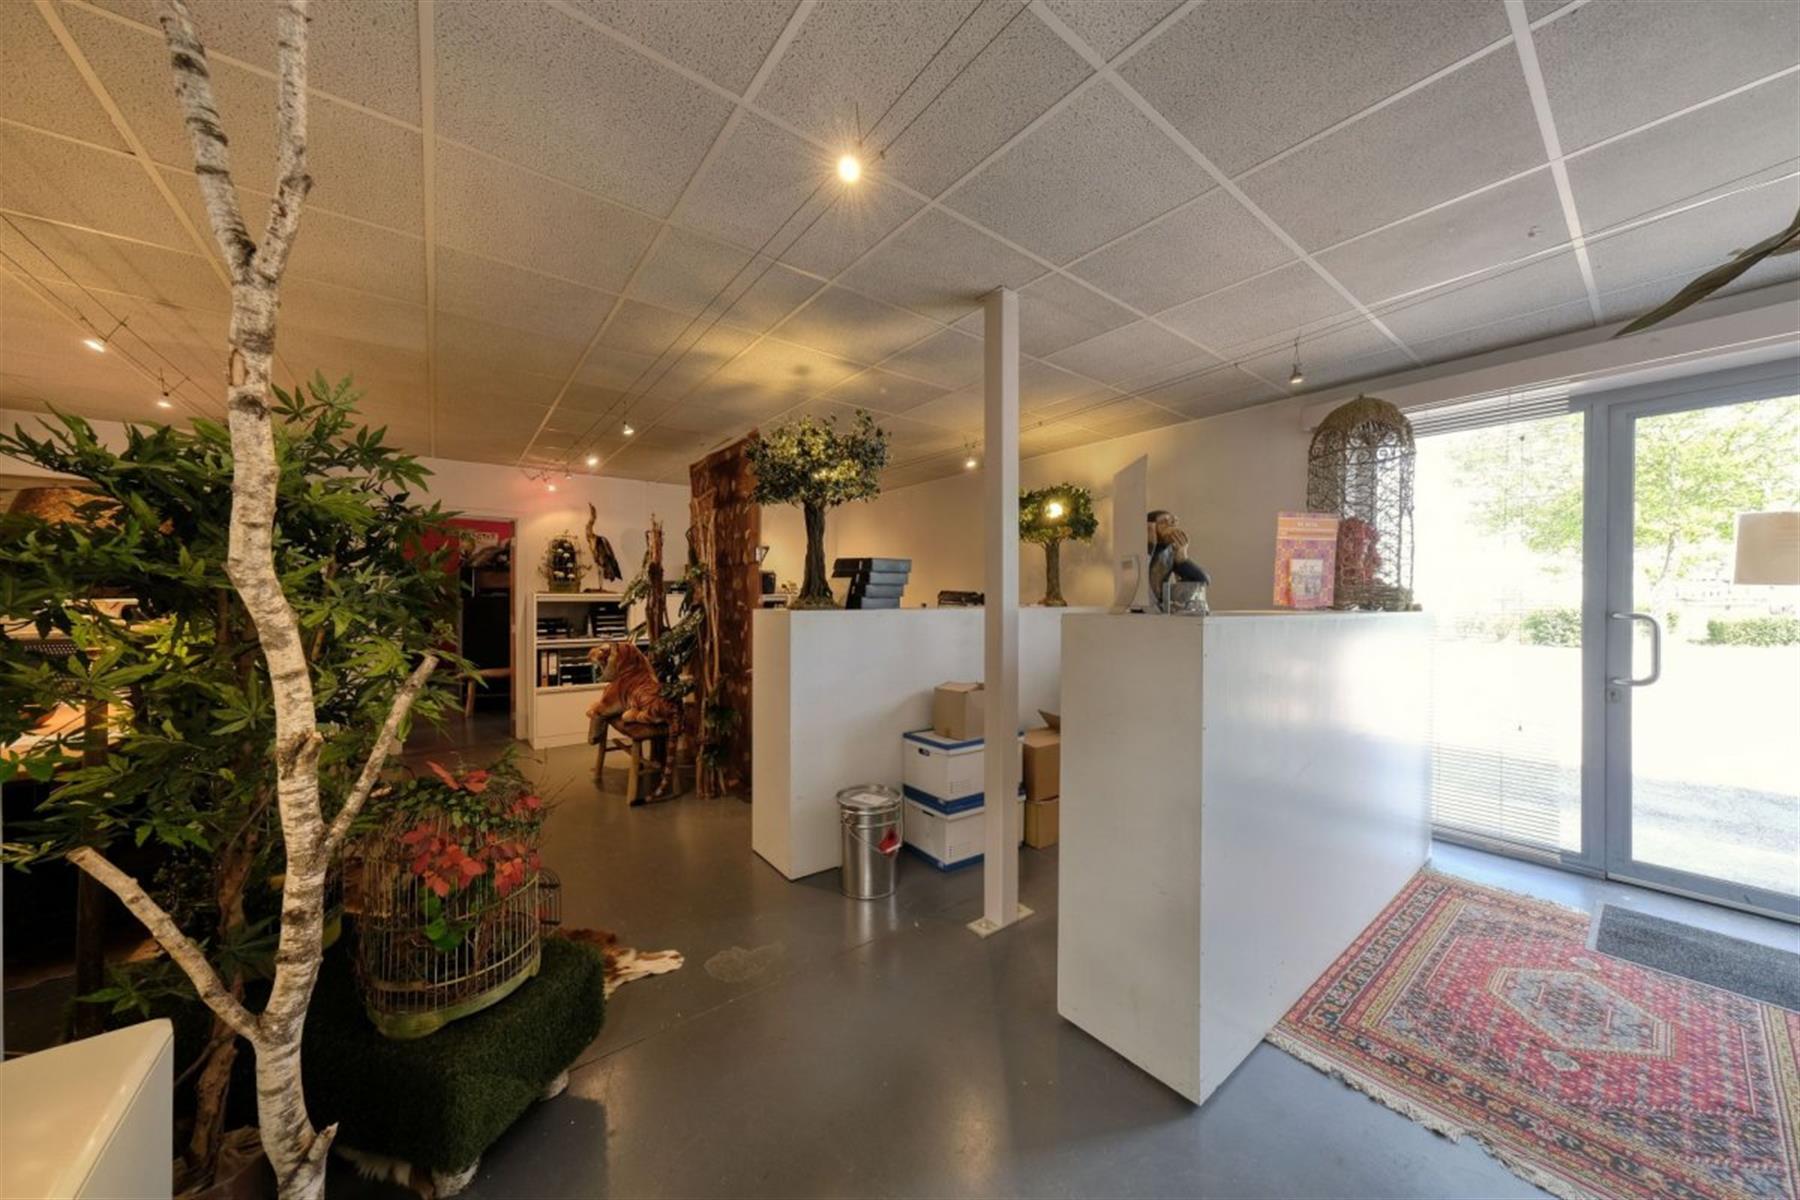 kantoren & magazijn te koop I123 - Magazijn met kantoorruimte - Centrum-Zuid 3203, 3530 Houthalen-Helchteren, België 4